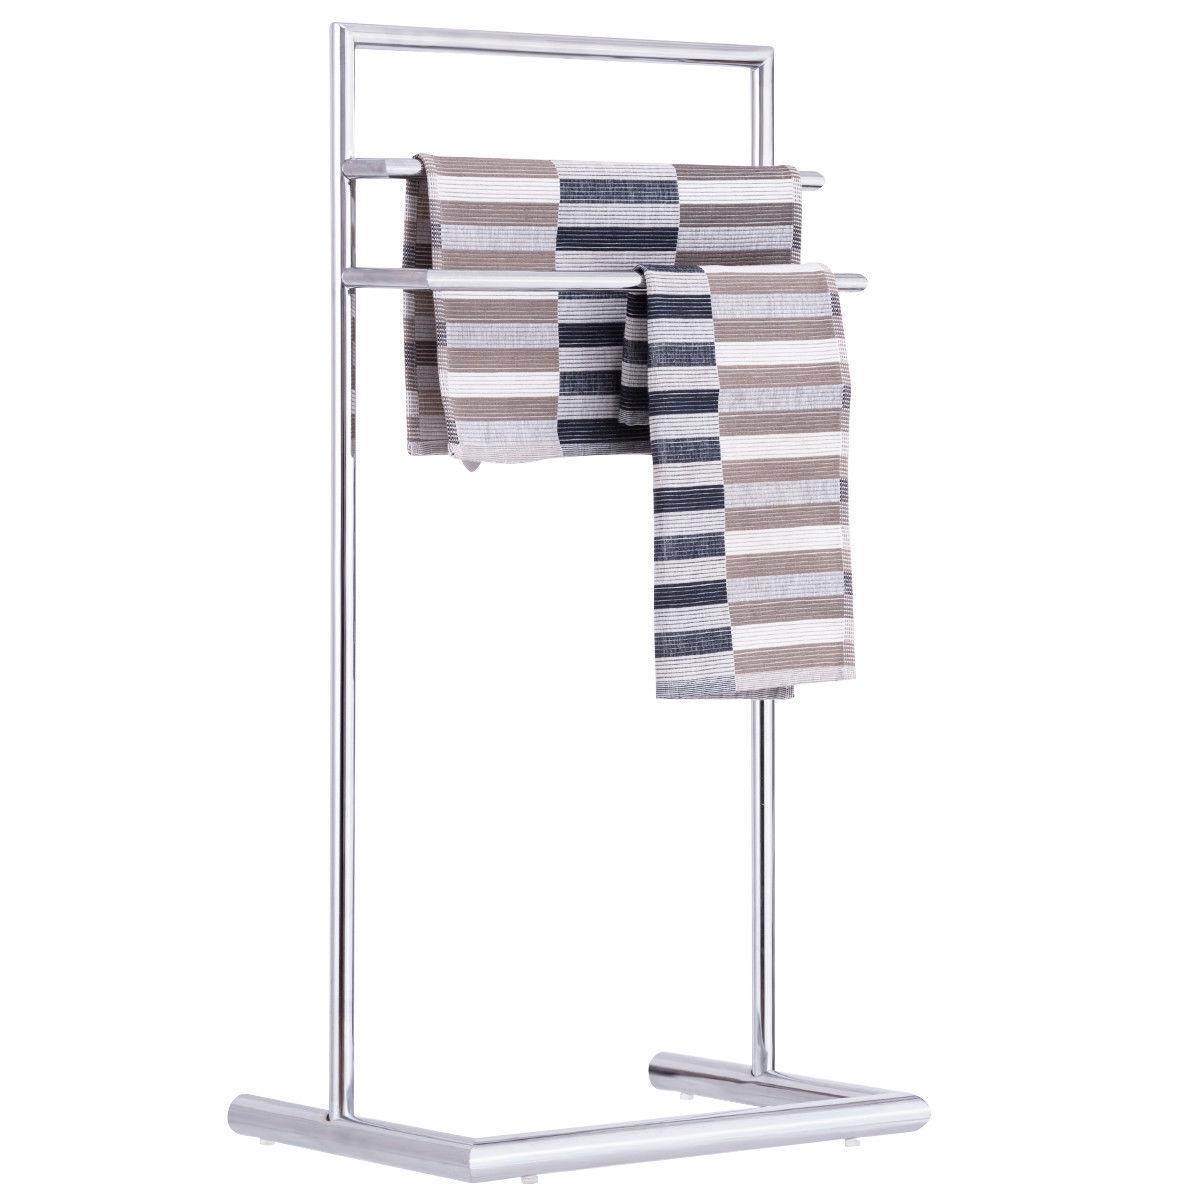 Goplus 3 Tier Free Standing Metal Towel Rack Holder Floor Stand Bathroom Organizer by Goplus